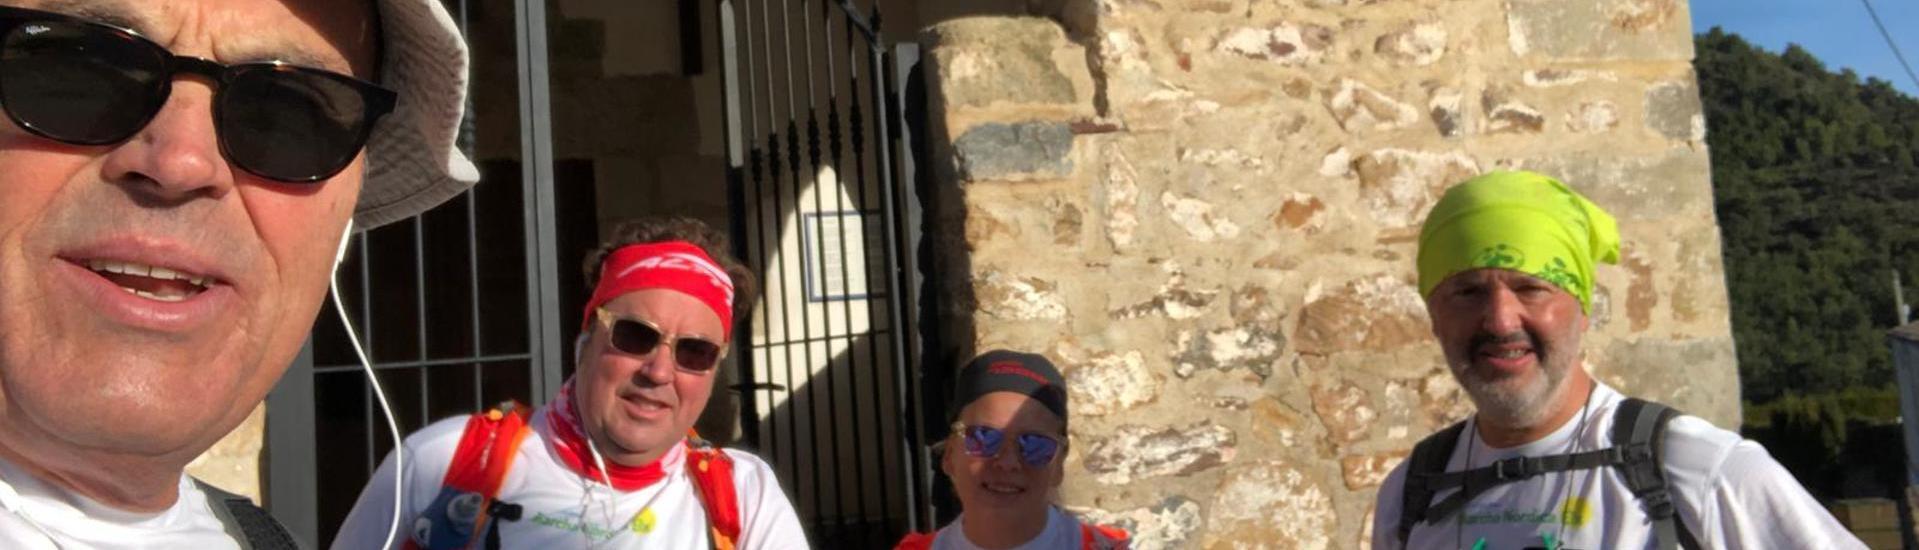 Ruta de Marcha Nórdica en Penáguila y visita al Jardín de Santos